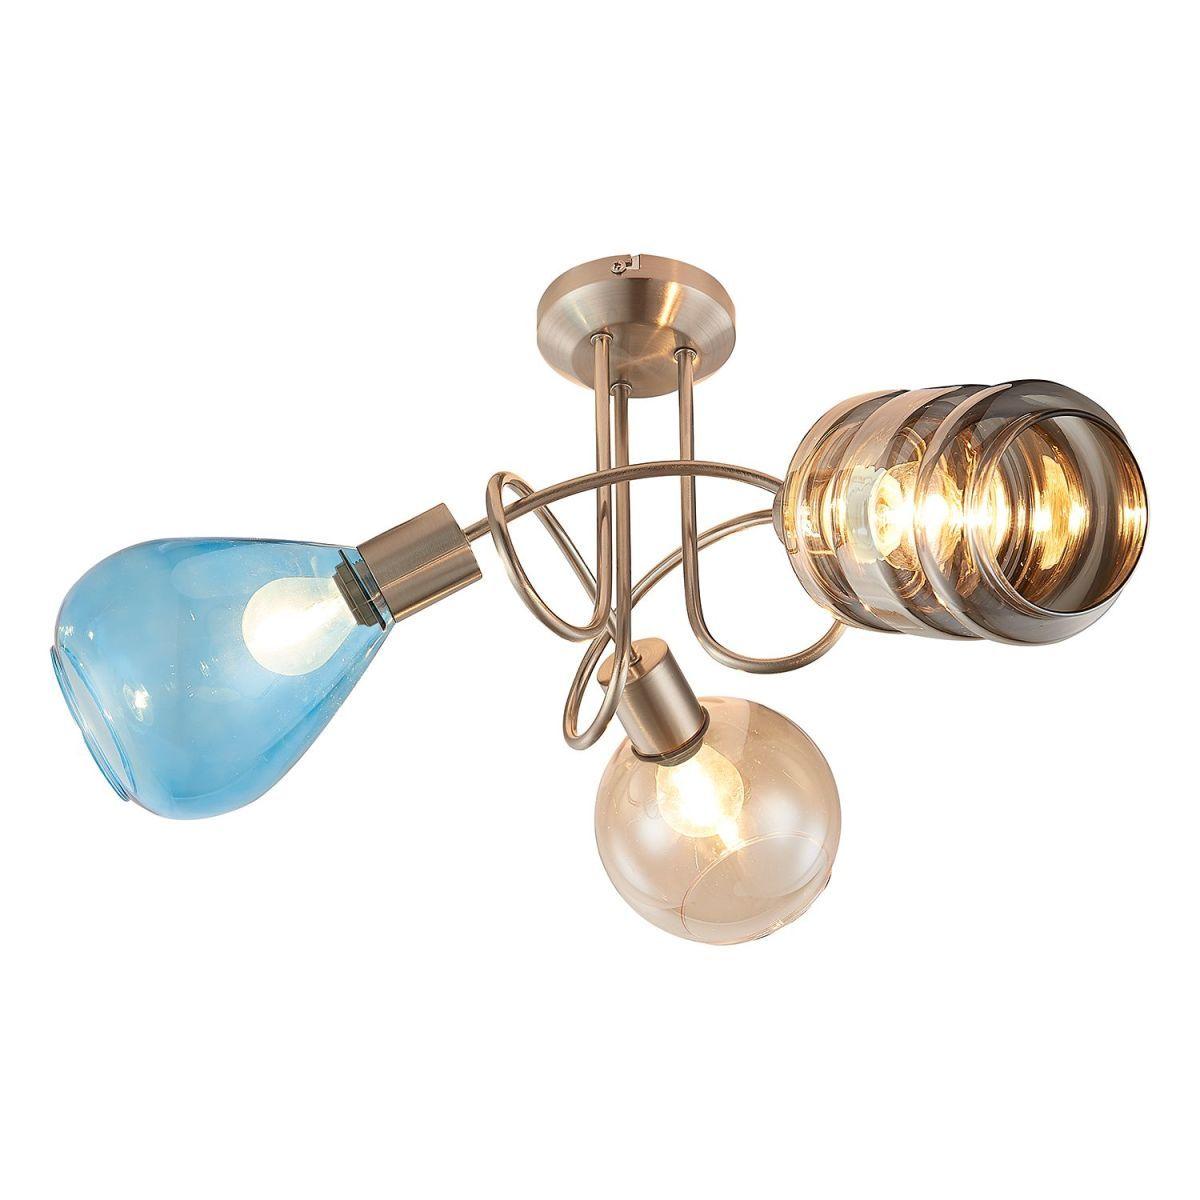 Deckenle Industriedesign eek a deckenleuchte pesaro varied glas eisen 3 flammig